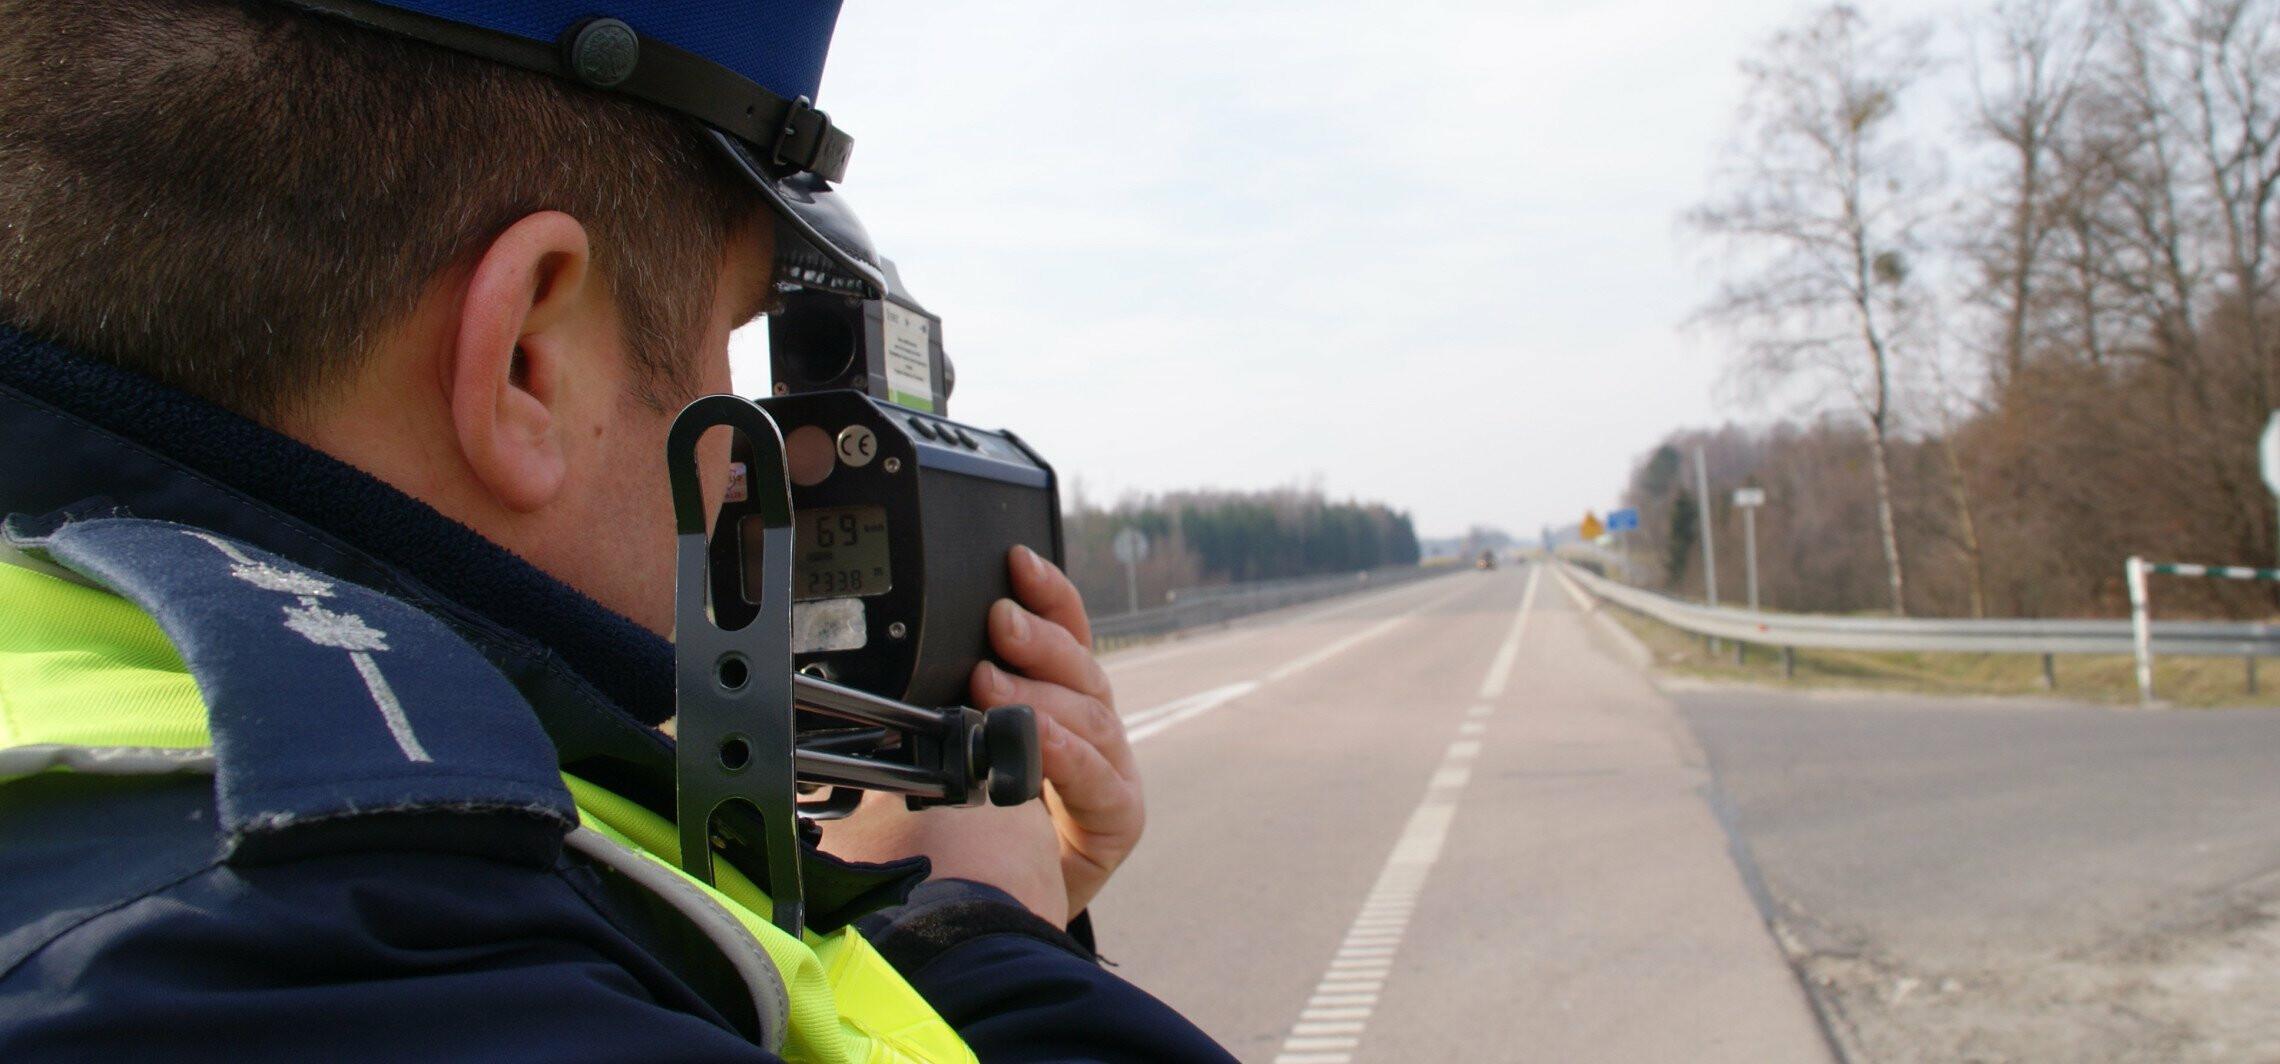 Inowrocław - Policja: Ponad połowa kierowców złamała przepisy